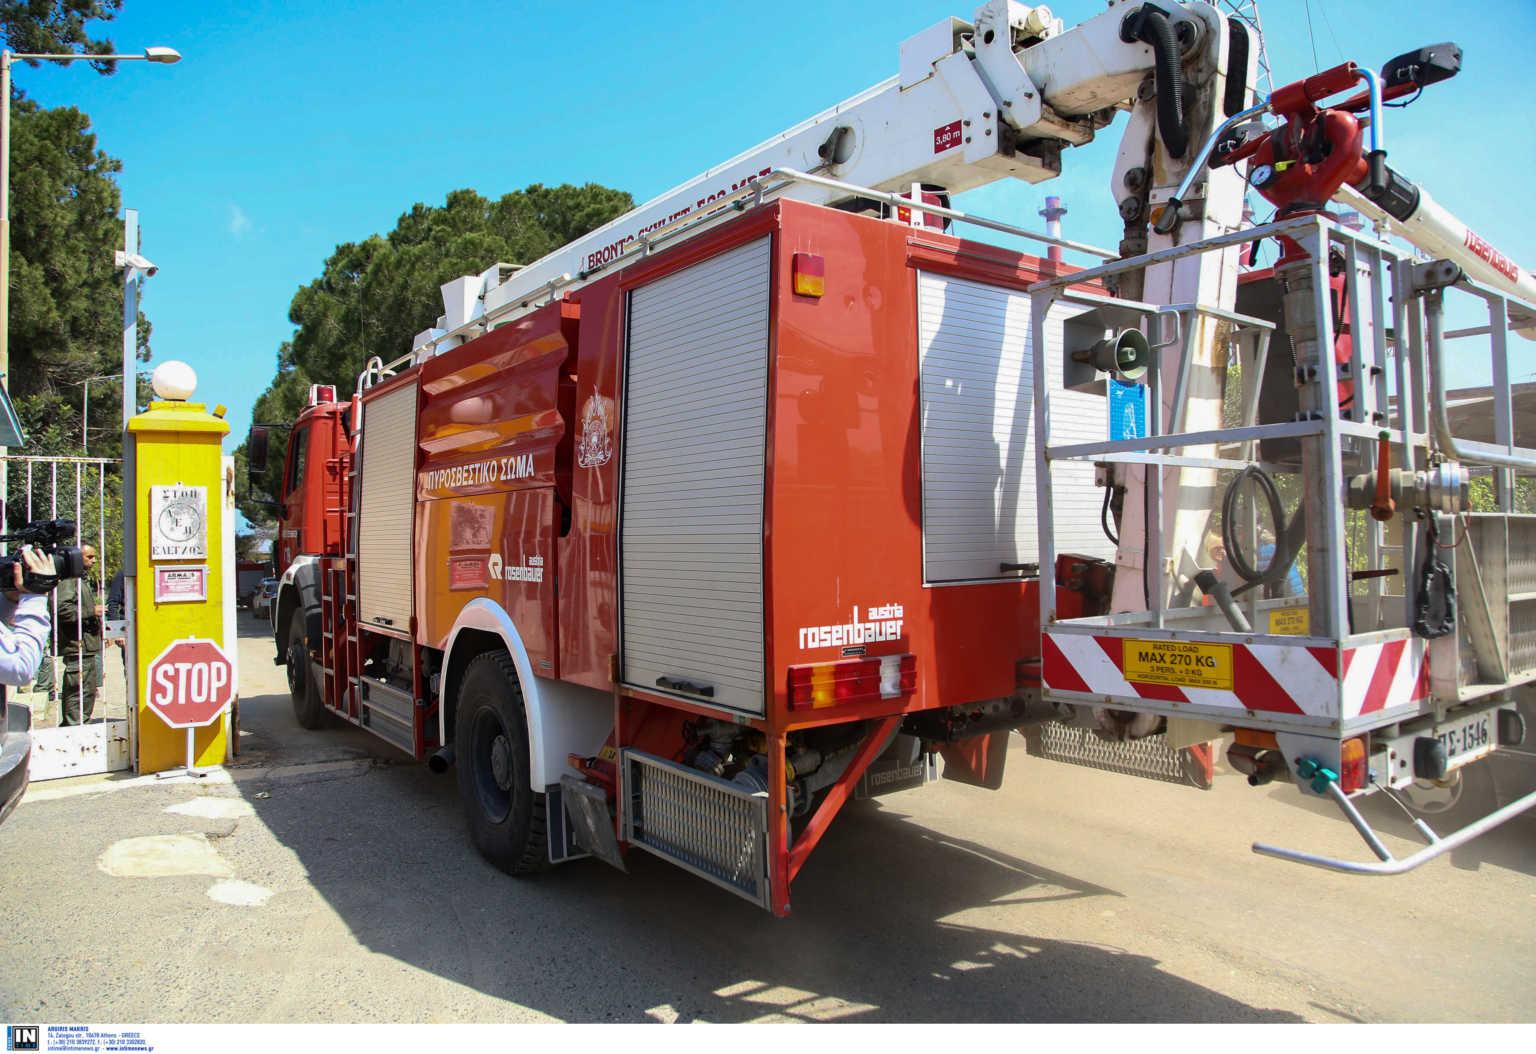 Έκρηξη σε εργοστάσιο στην Ελευσίνα – Ένας νεκρός και δύο τραυματίες